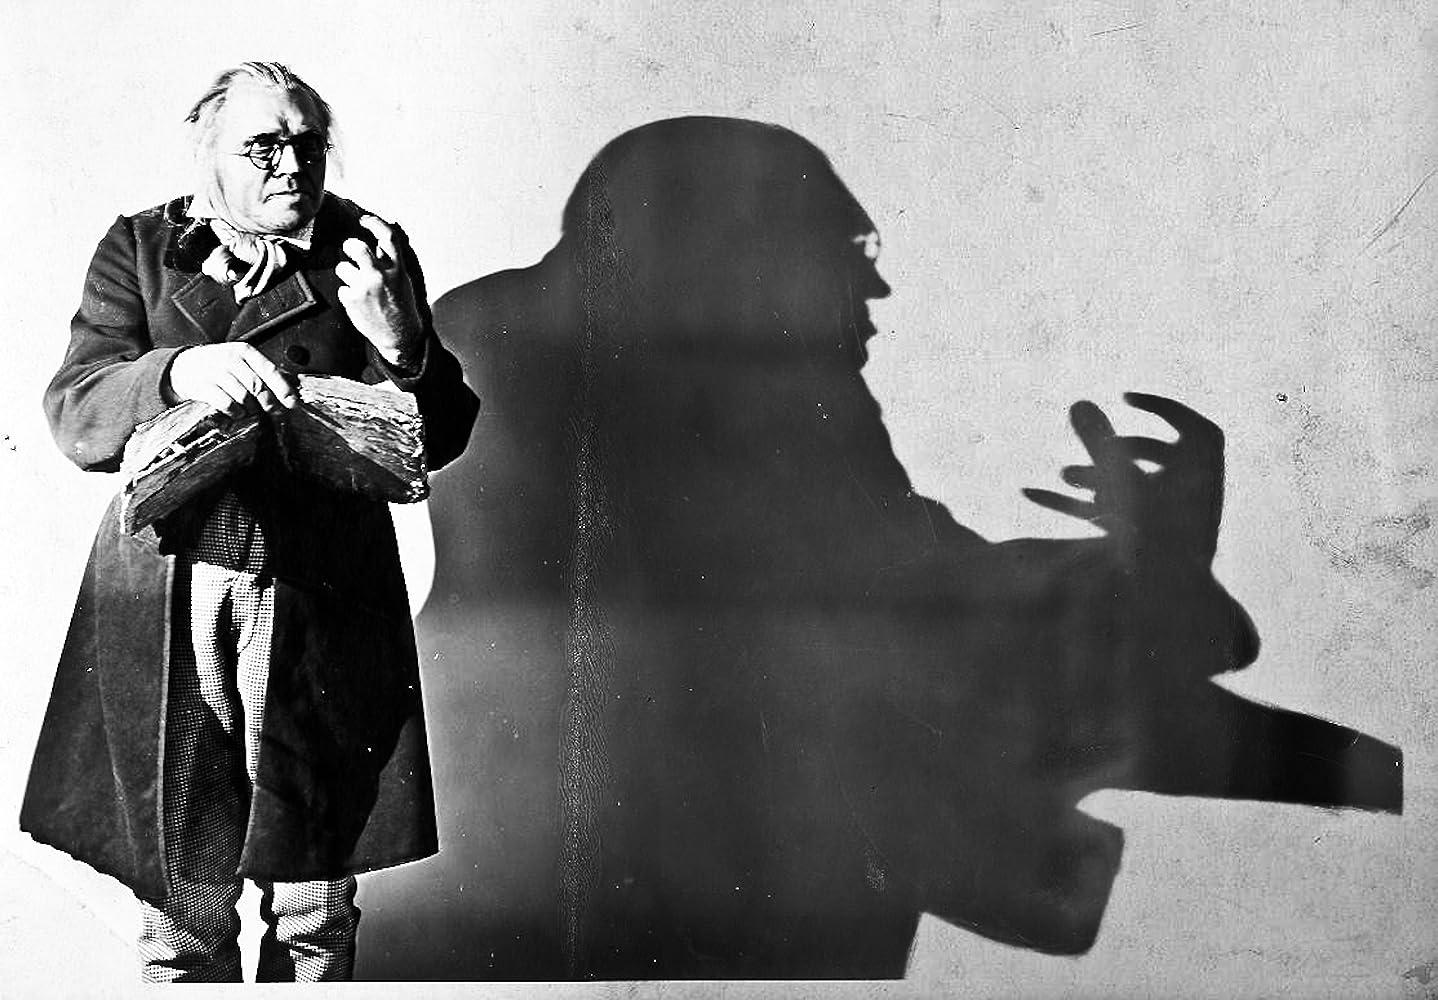 Werner Krauss in Das Cabinet des Dr. Caligari (1920)